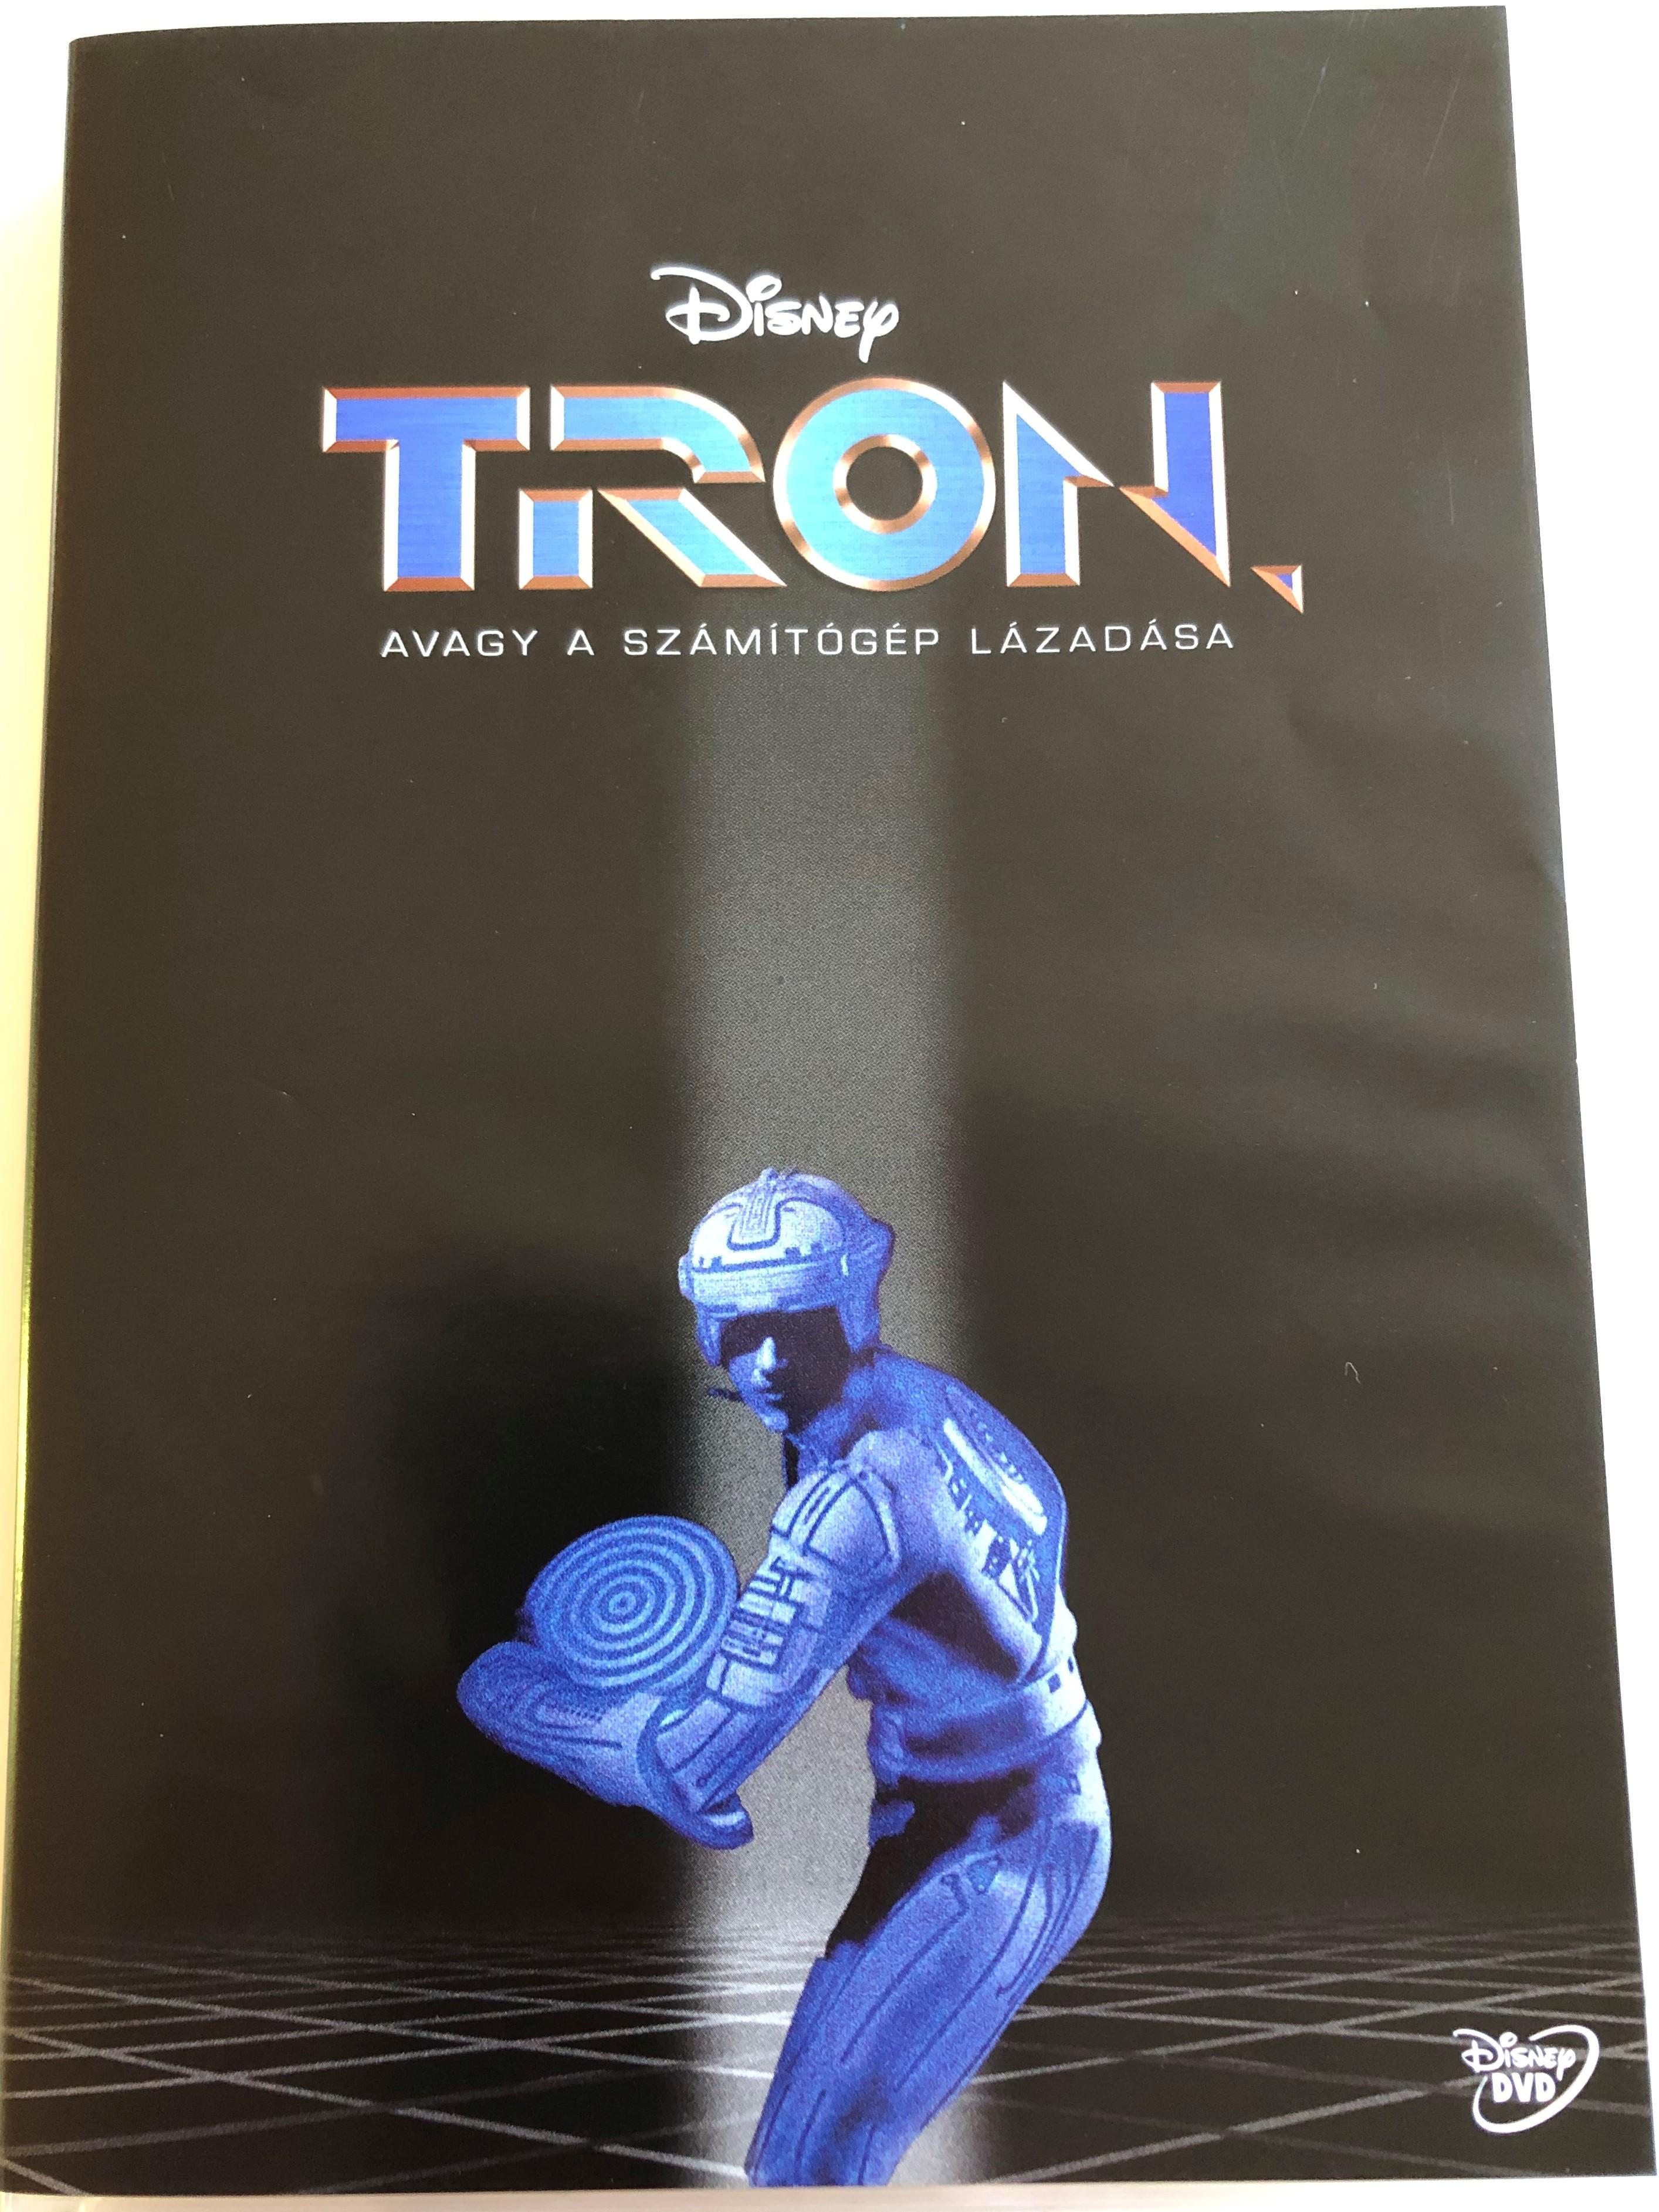 tron-dvd-1982-tron-avagy-a-sz-m-t-g-p-l-zad-sa-directed-by-steven-lisberger-1.jpg